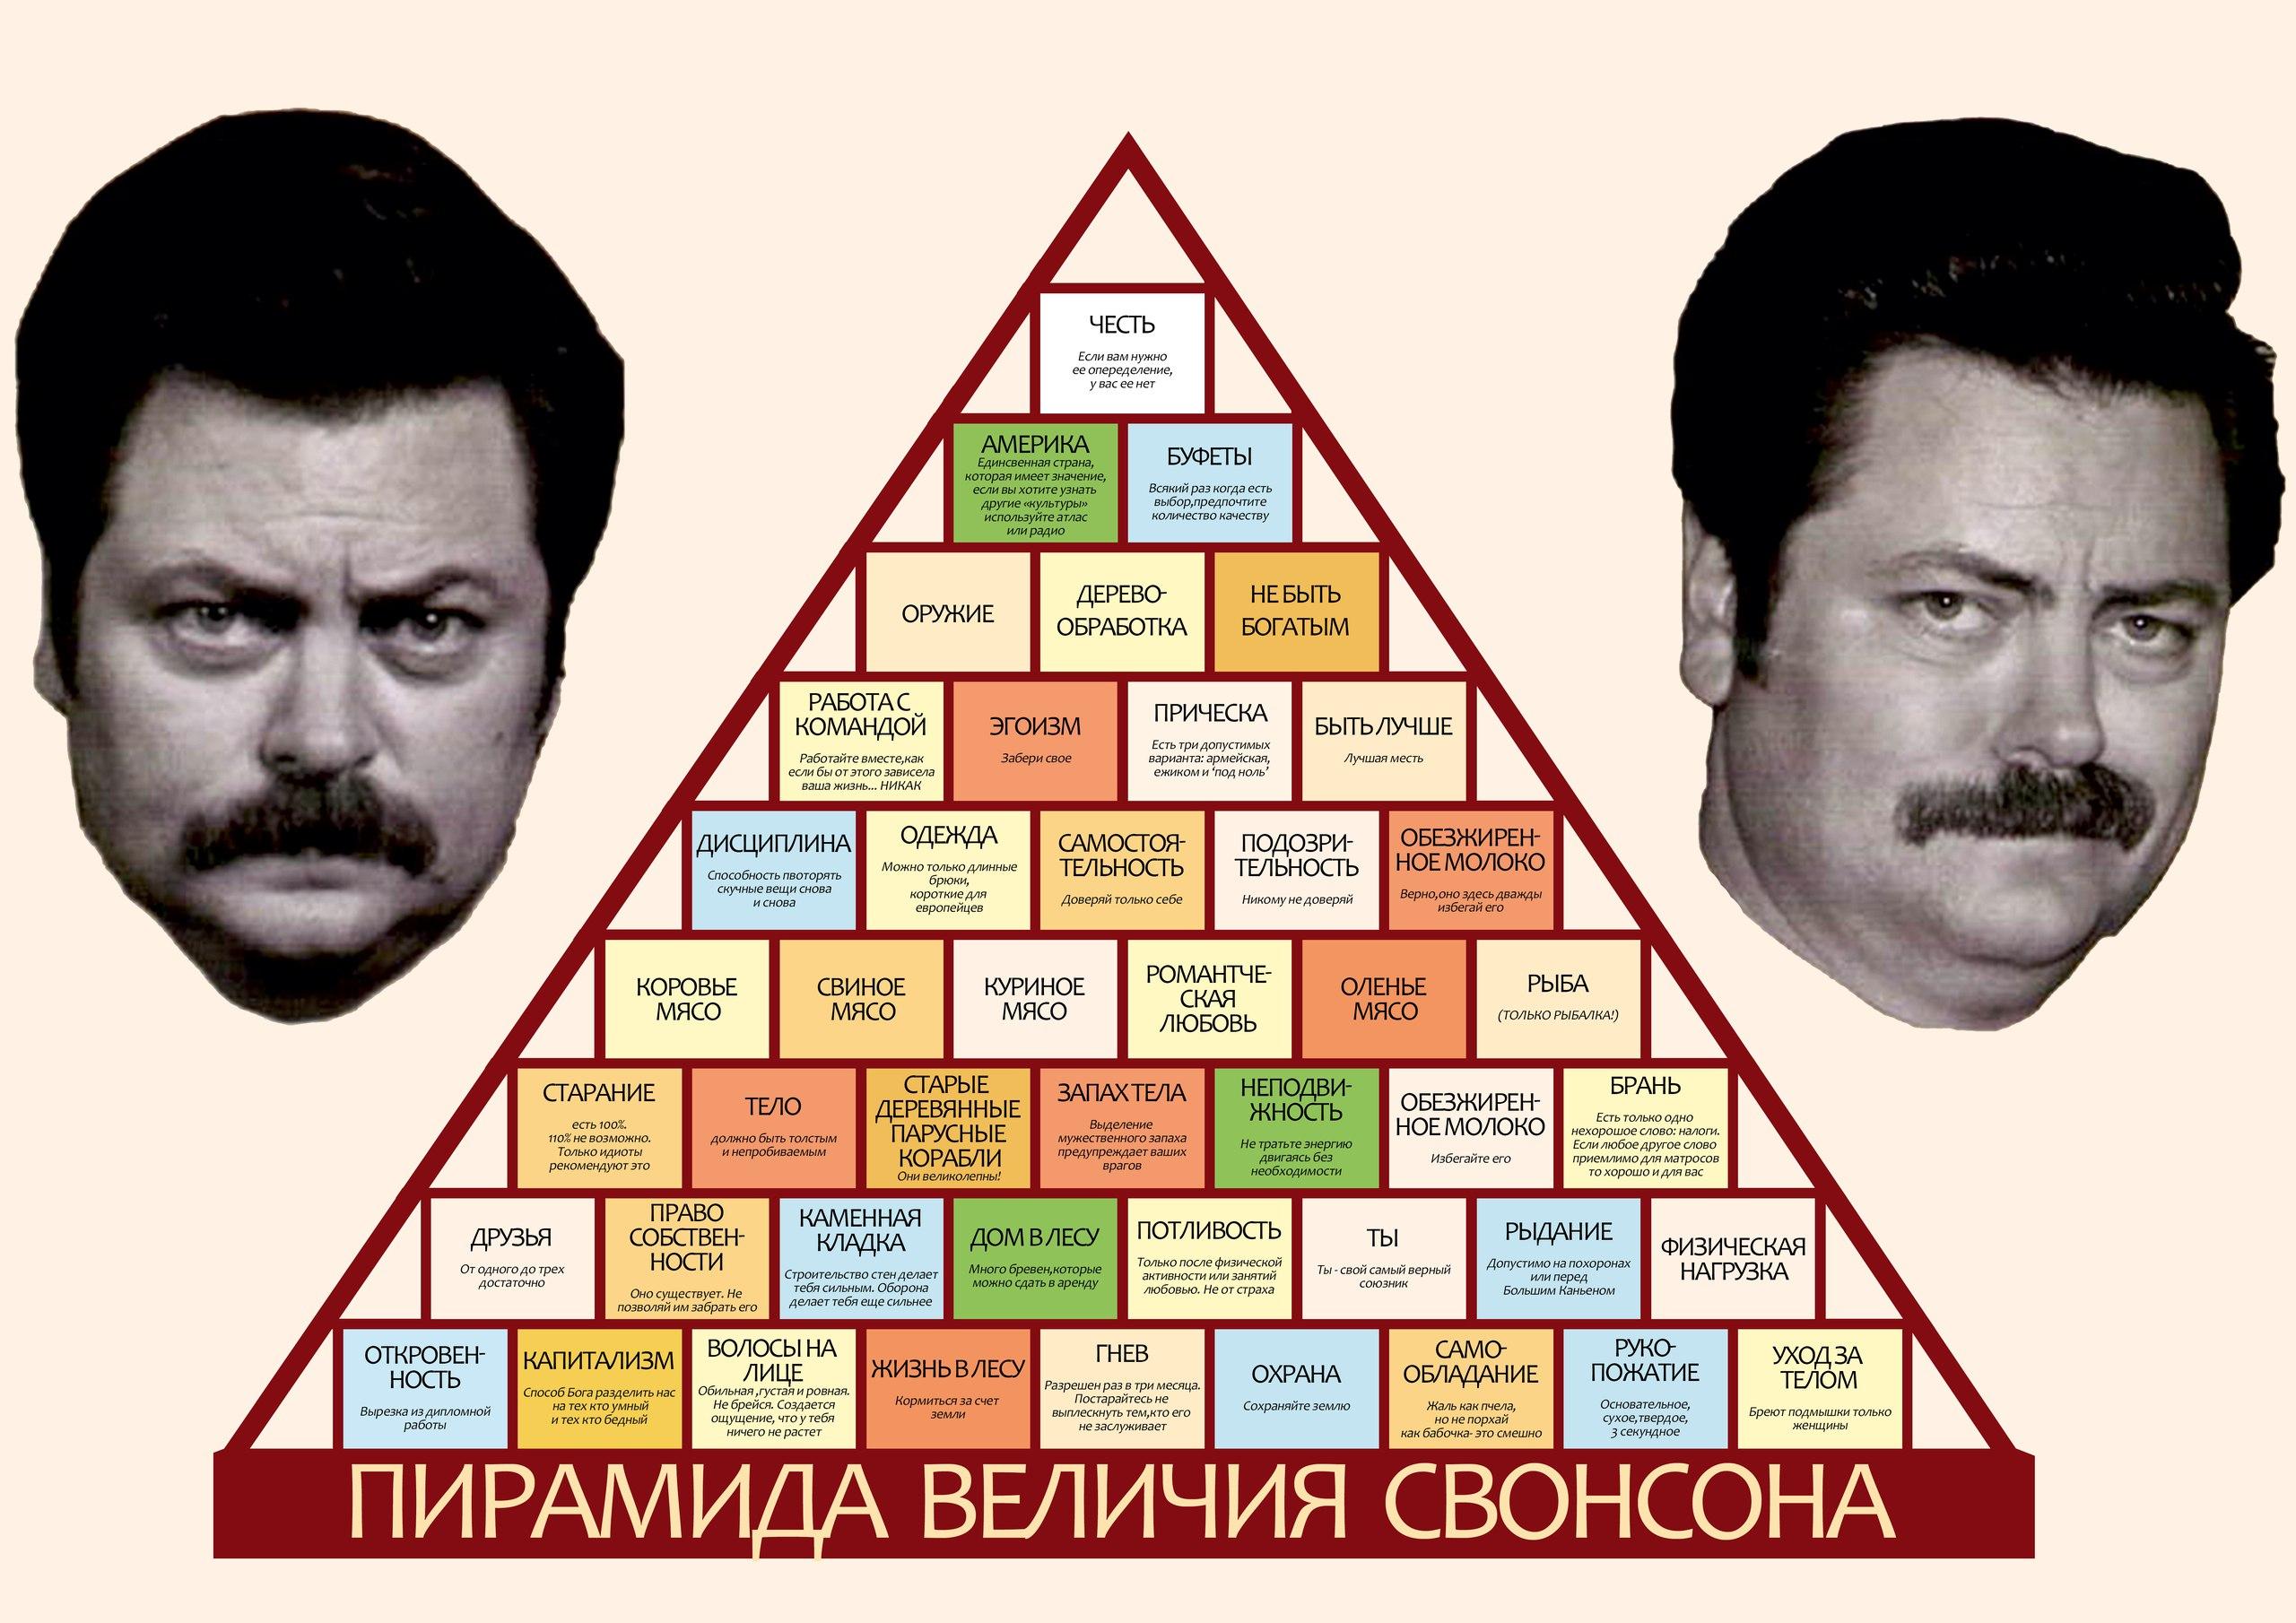 Пирамида Величия